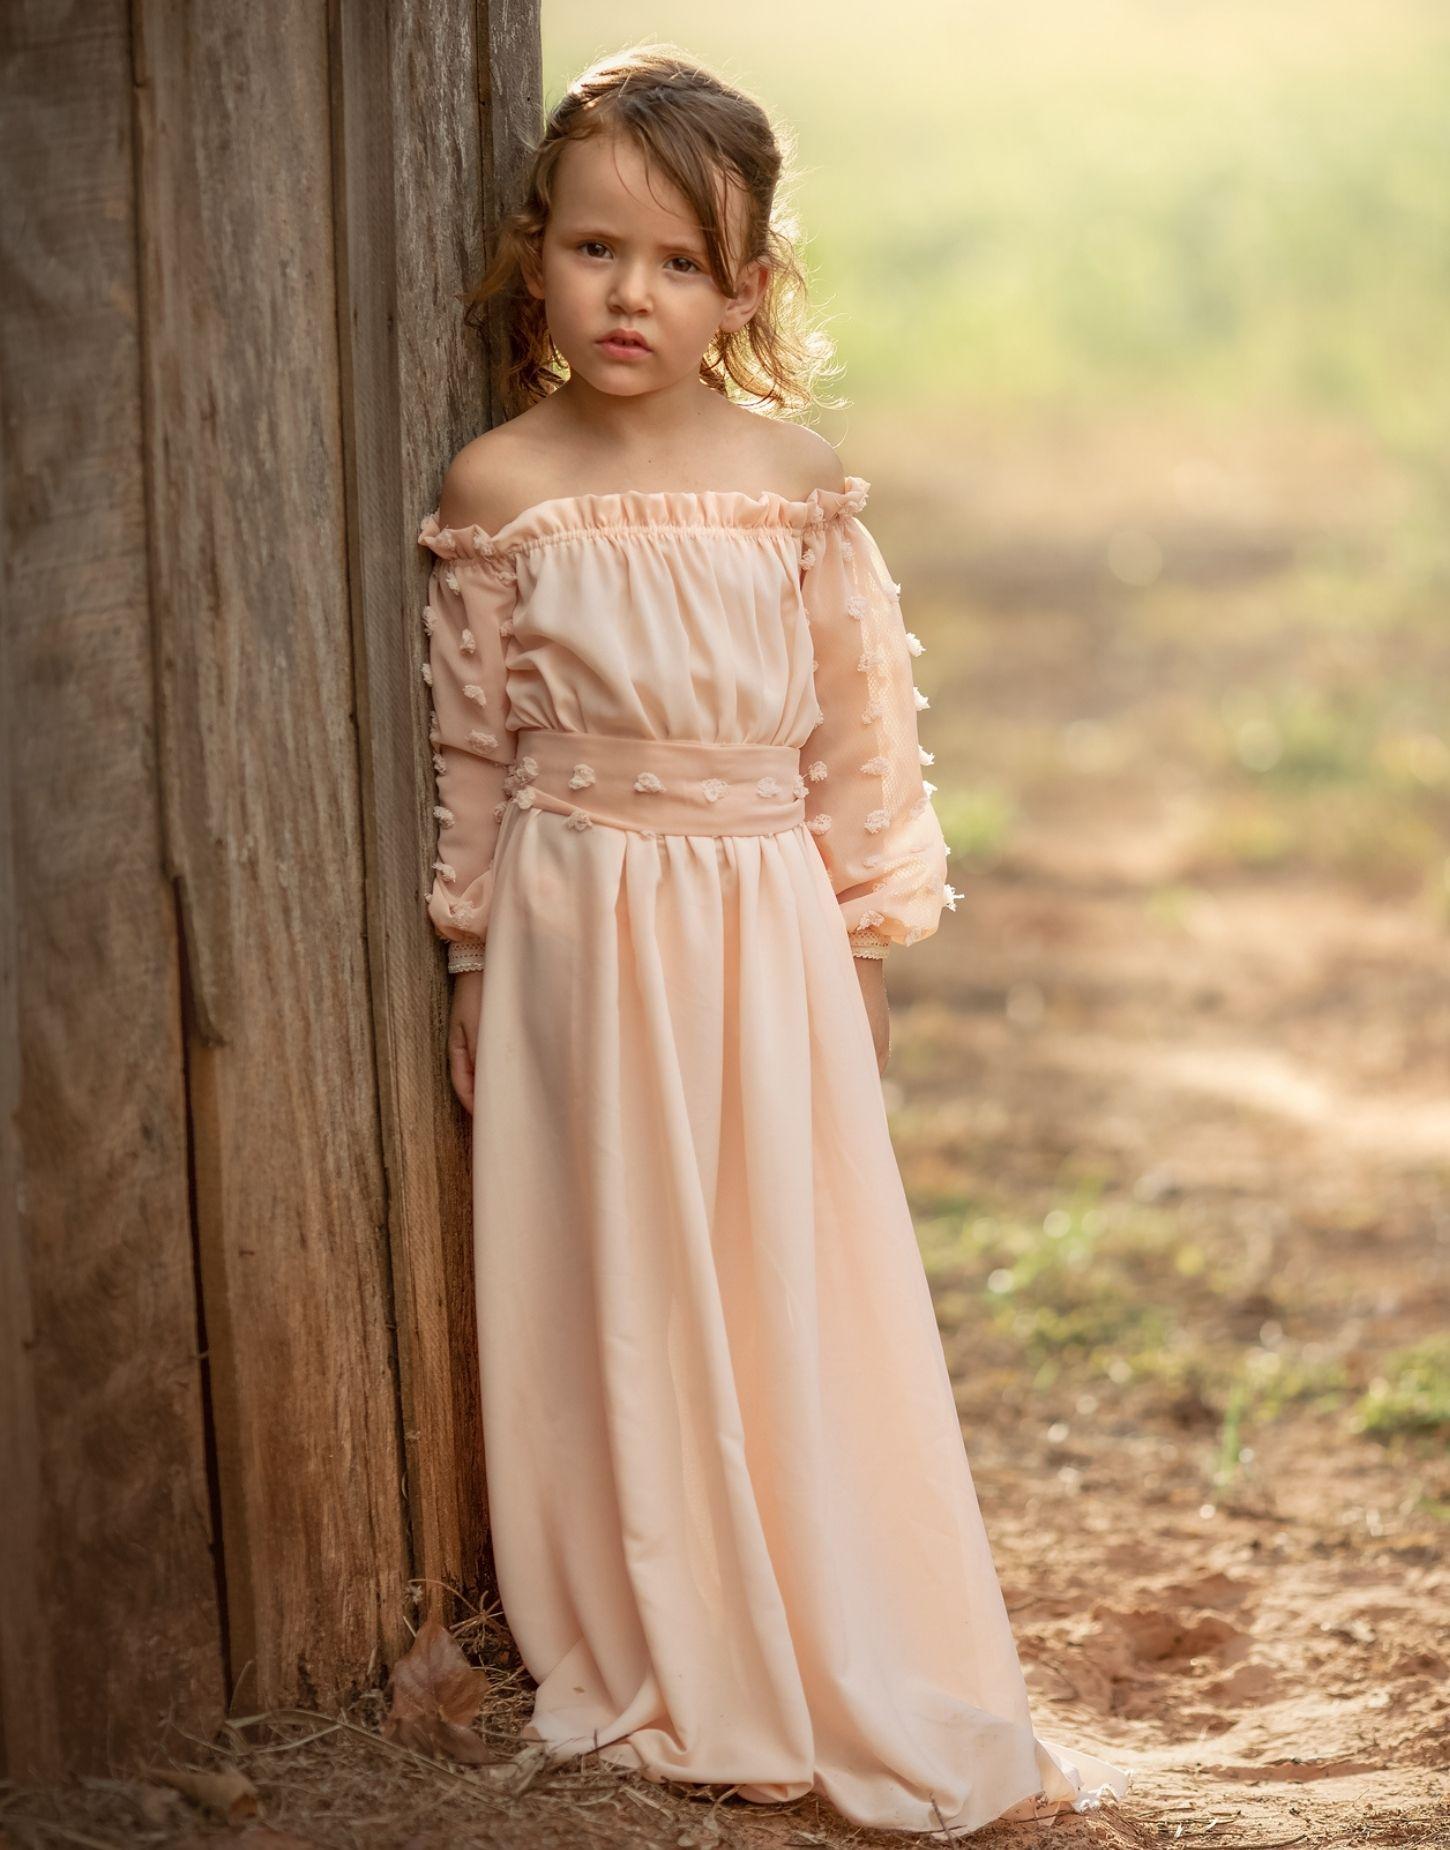 Vestido Carinhoso Infantil Filha para Idade 3 anos a 7 anos